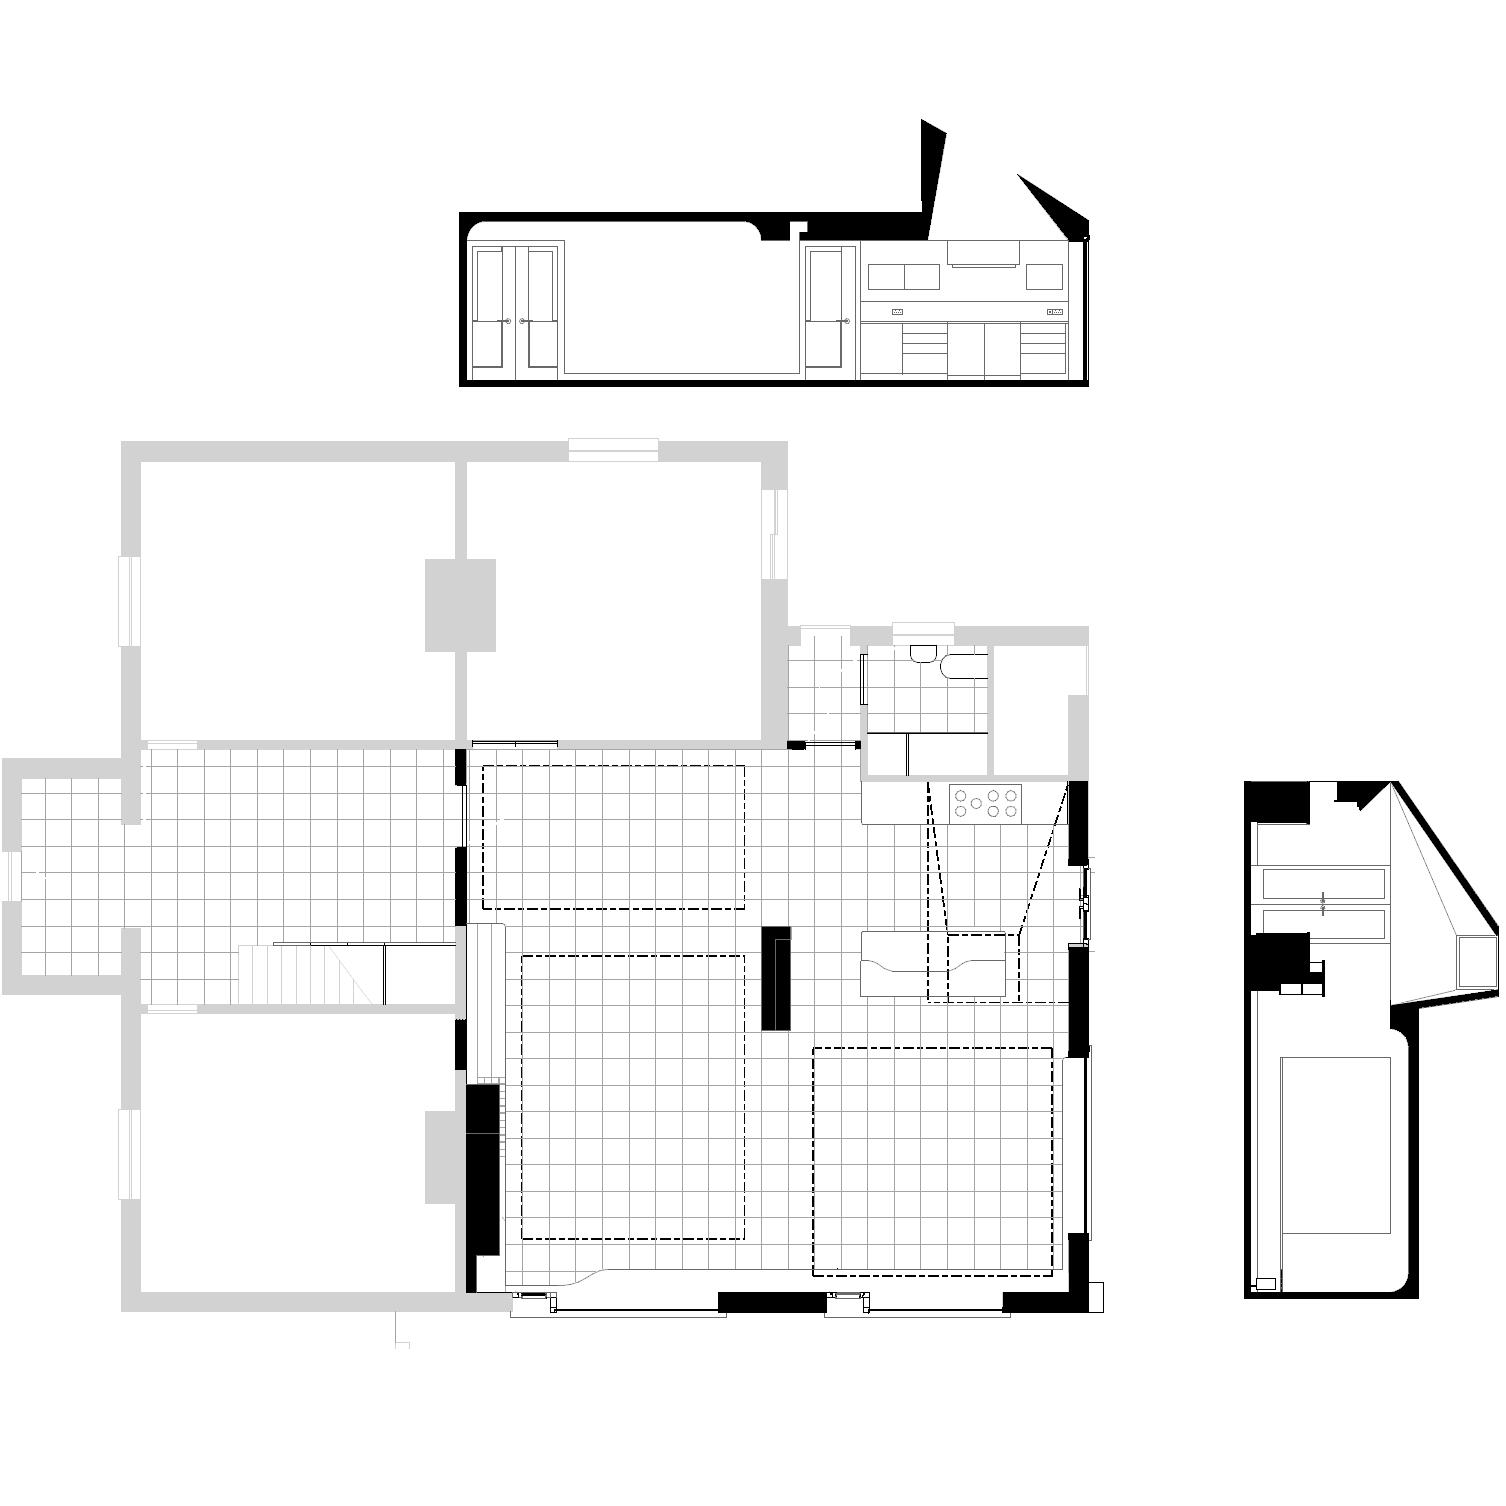 KWNN Kitchen elevations-Default-000.png